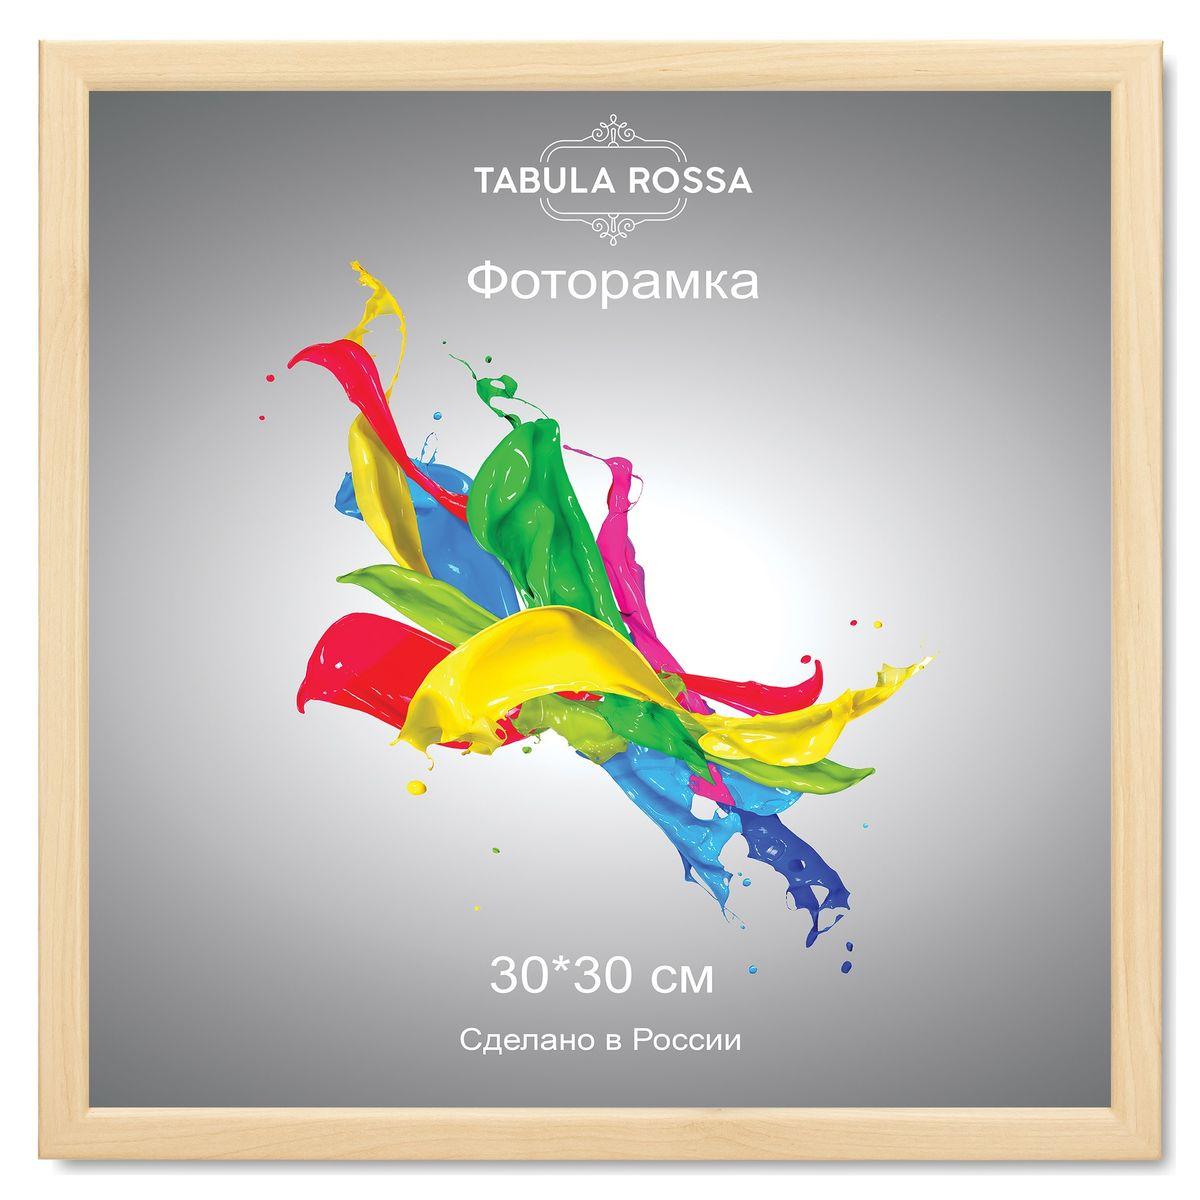 Фоторамка Tabula Rossa, цвет: клен арктик, 30 х 30 см. ТР 5138ТР 5138